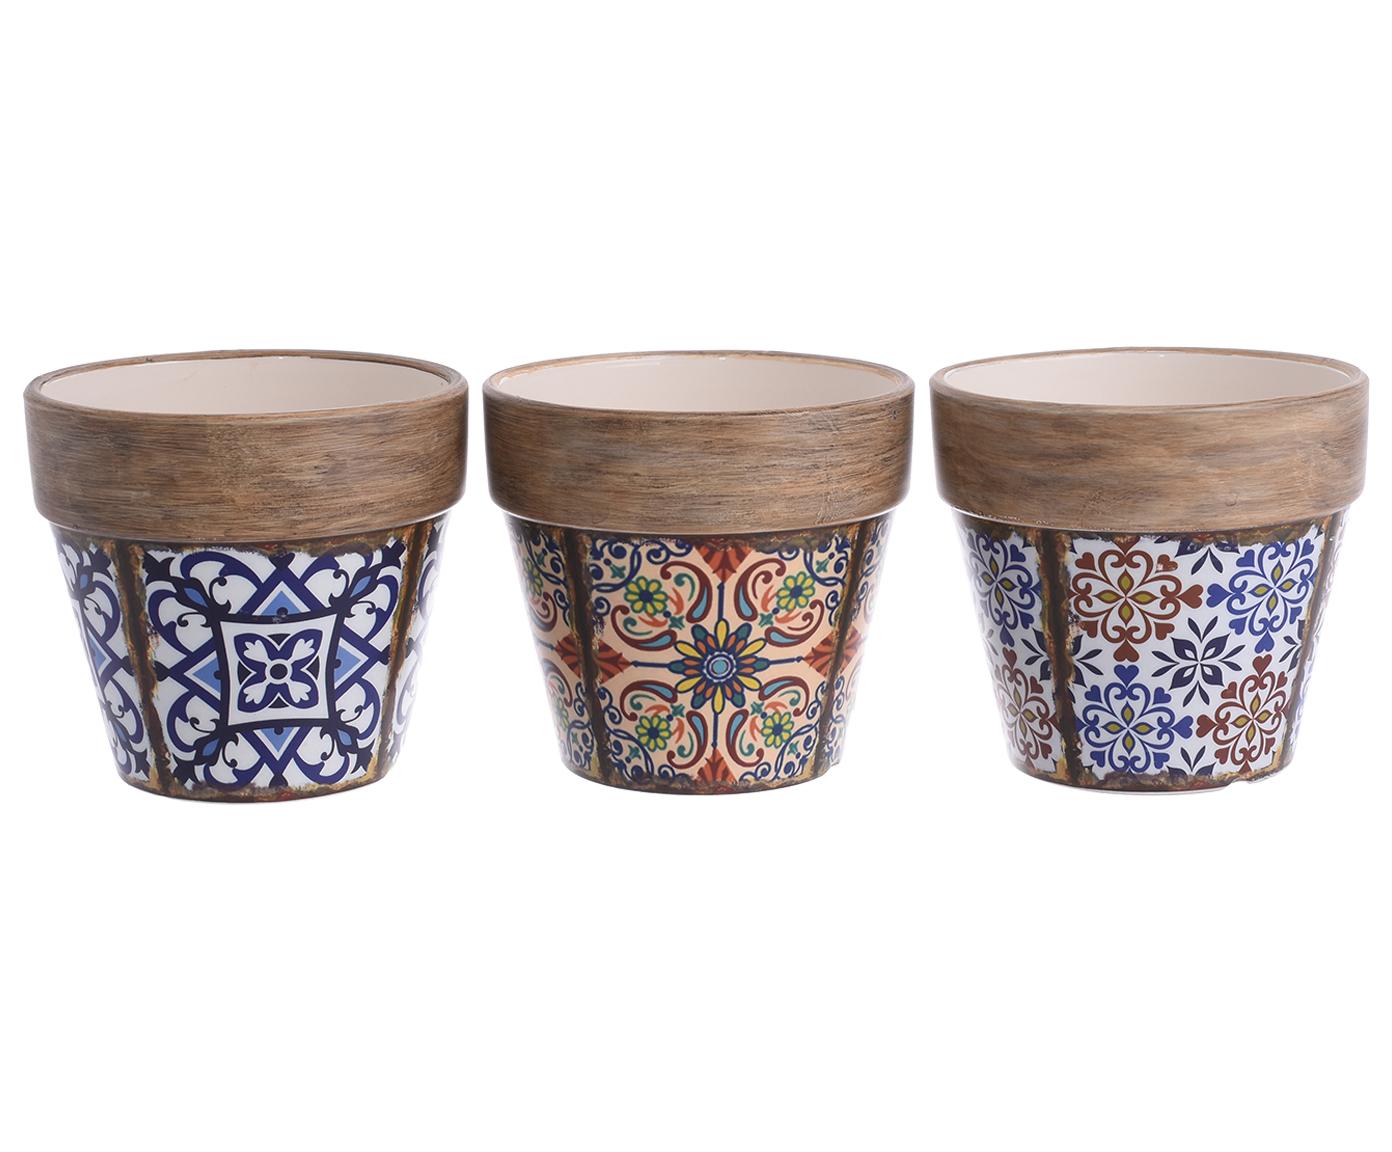 Набор кашпо Malika (3шт)Кашпо и аксессуары для цветов<br><br><br>Material: Керамика<br>Ширина см: 14.0<br>Высота см: 12.5<br>Глубина см: 14.0